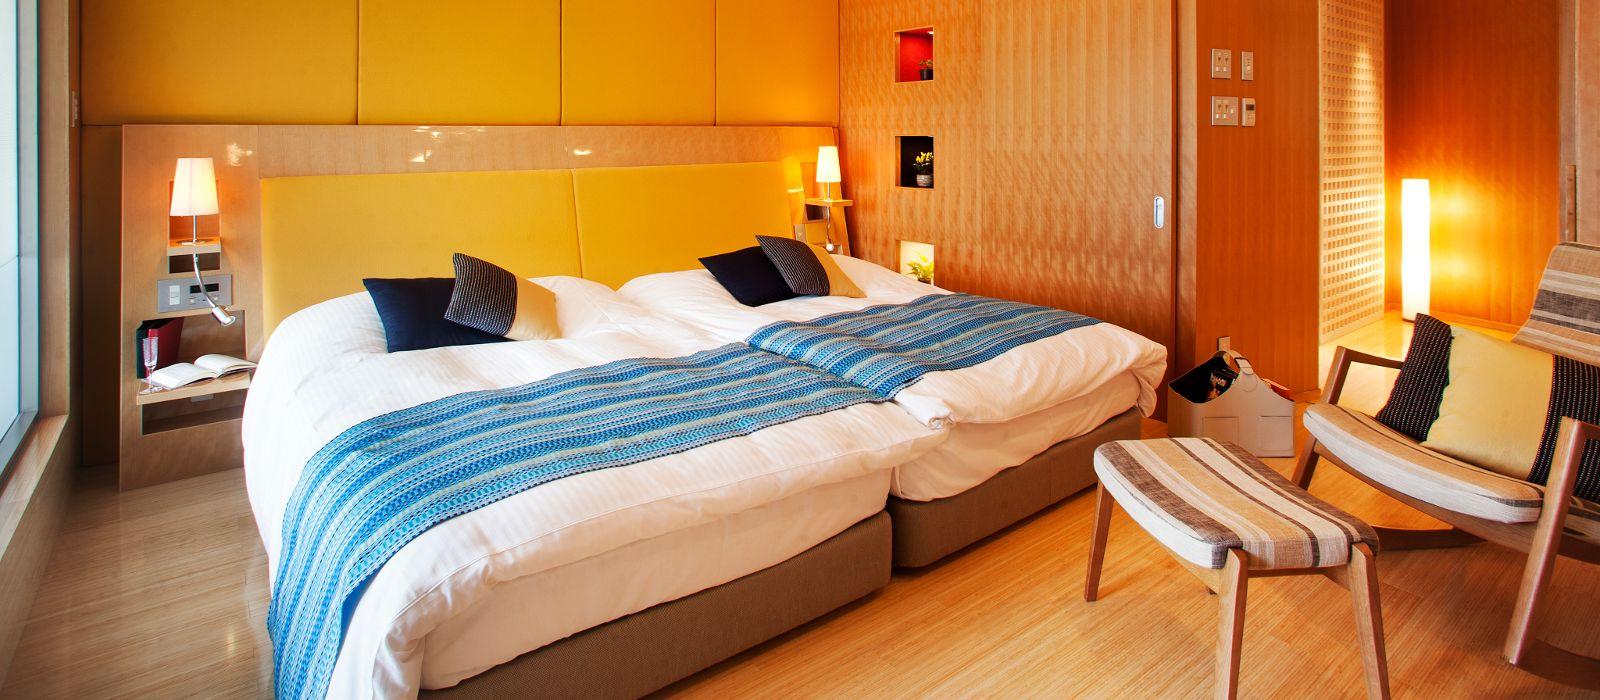 Hotel Honjin Hiranoya Kachoan Japan